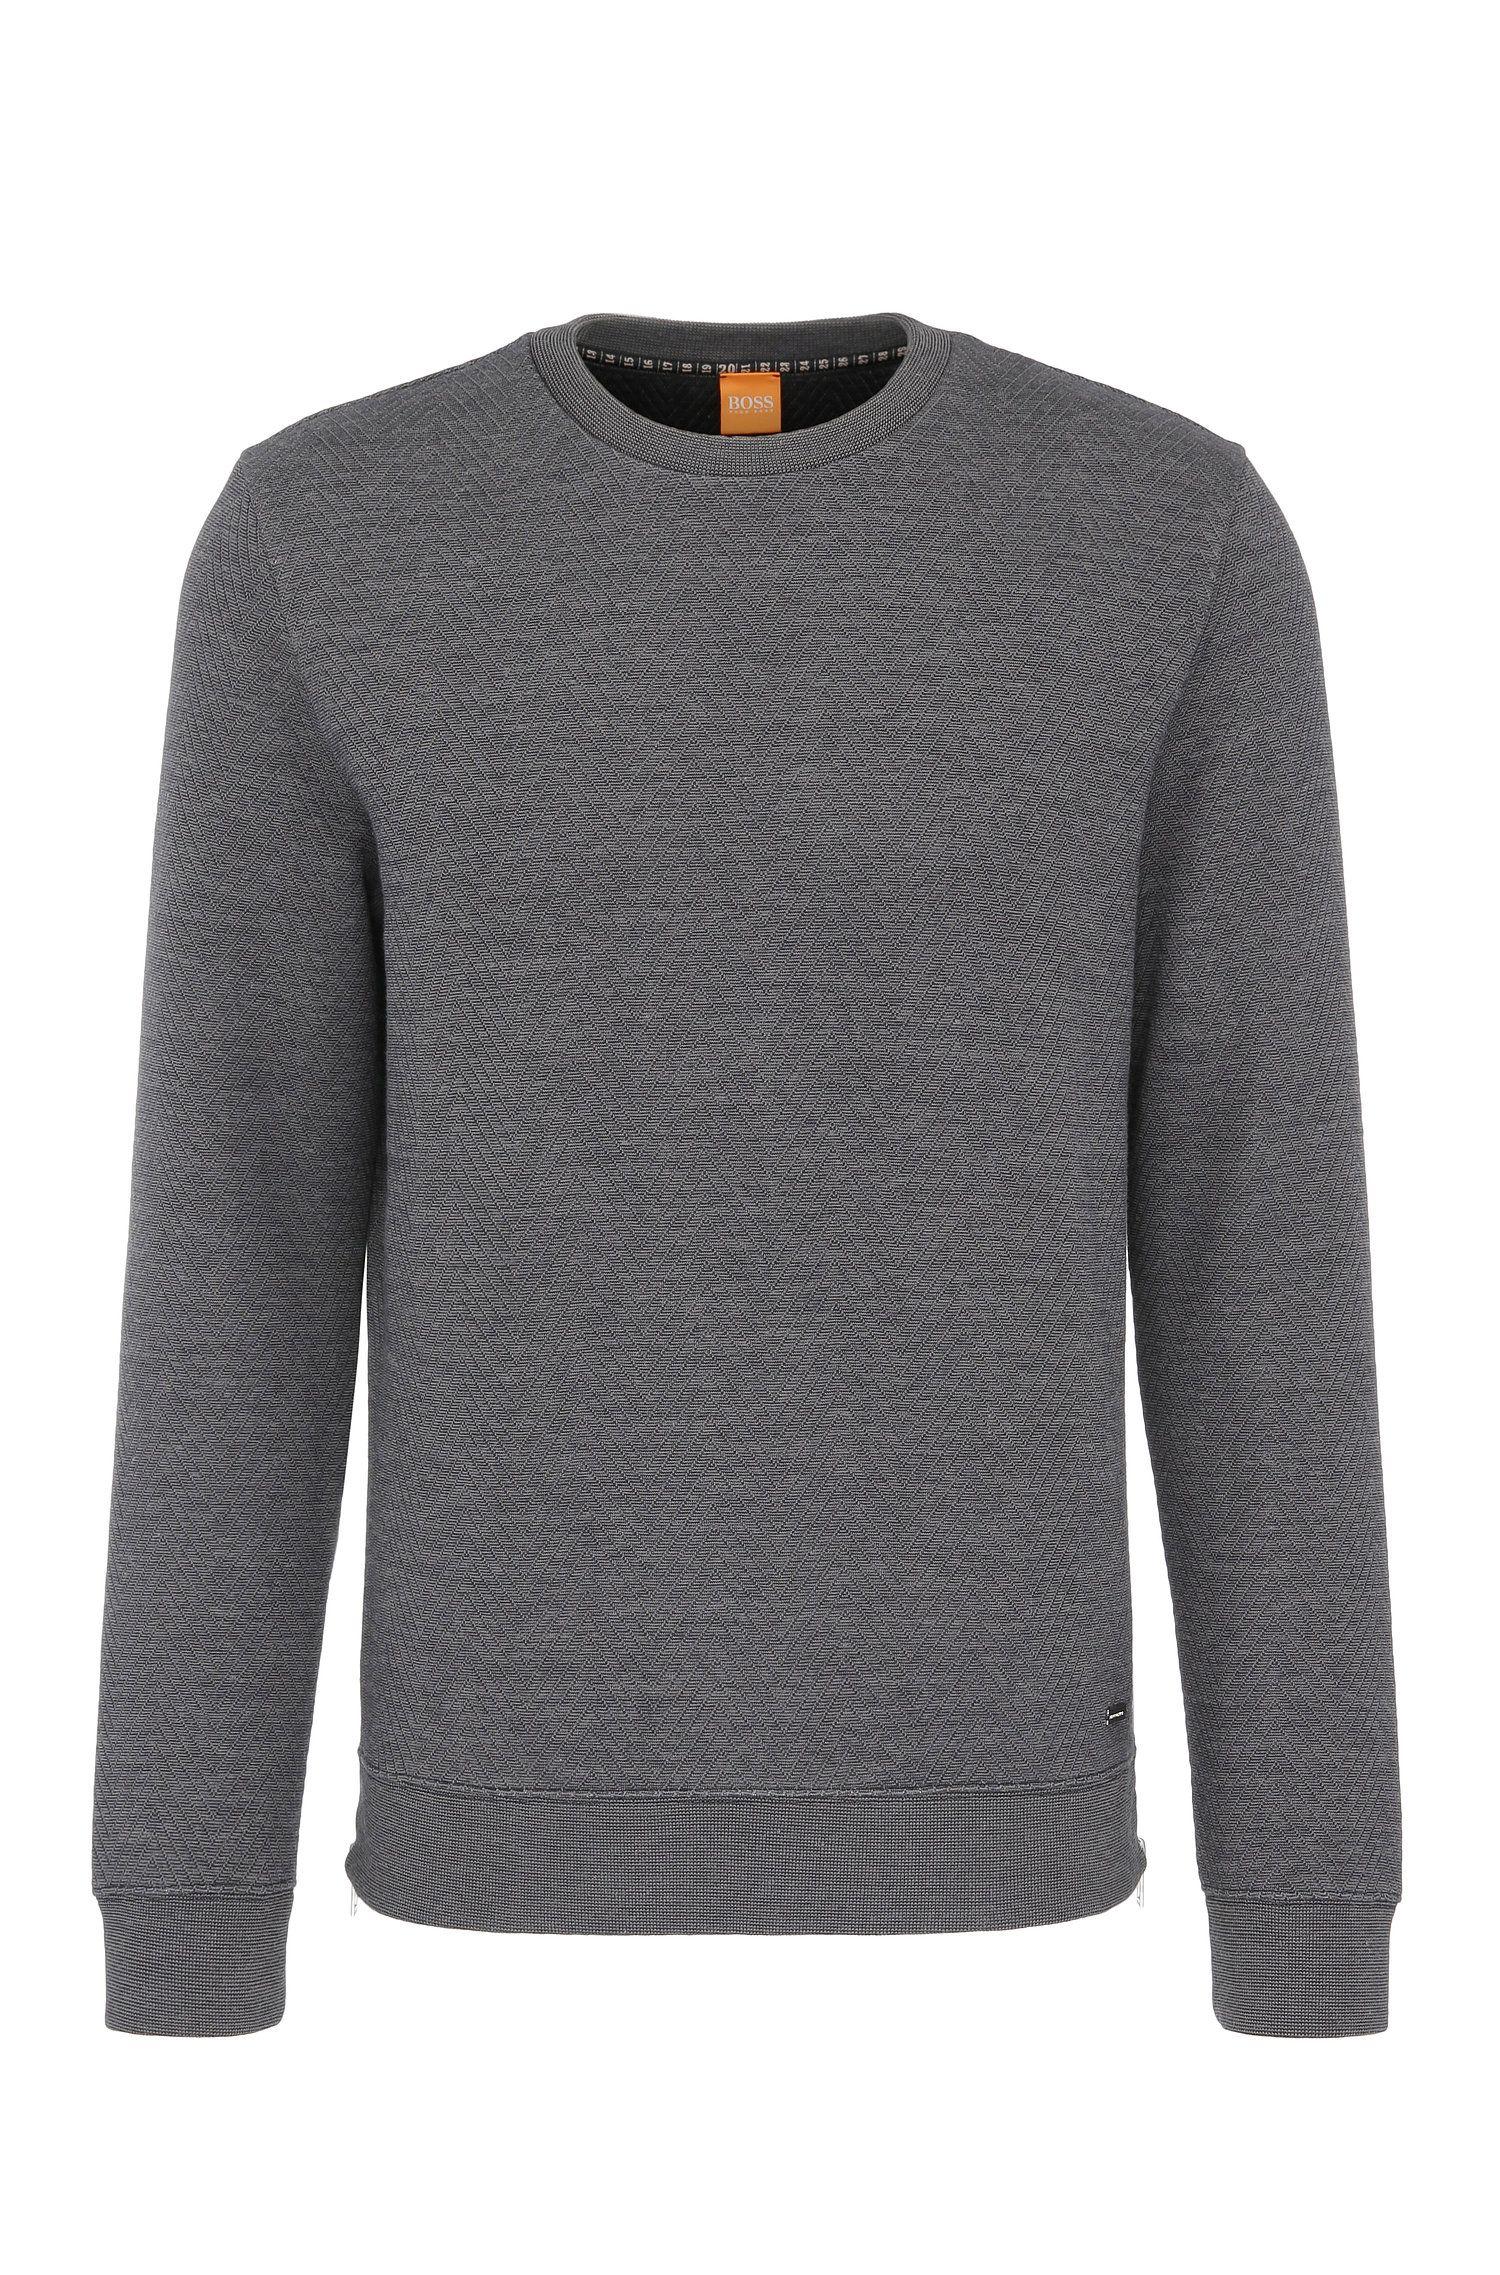 Sweatshirt in textured cotton blend: 'Wicious'